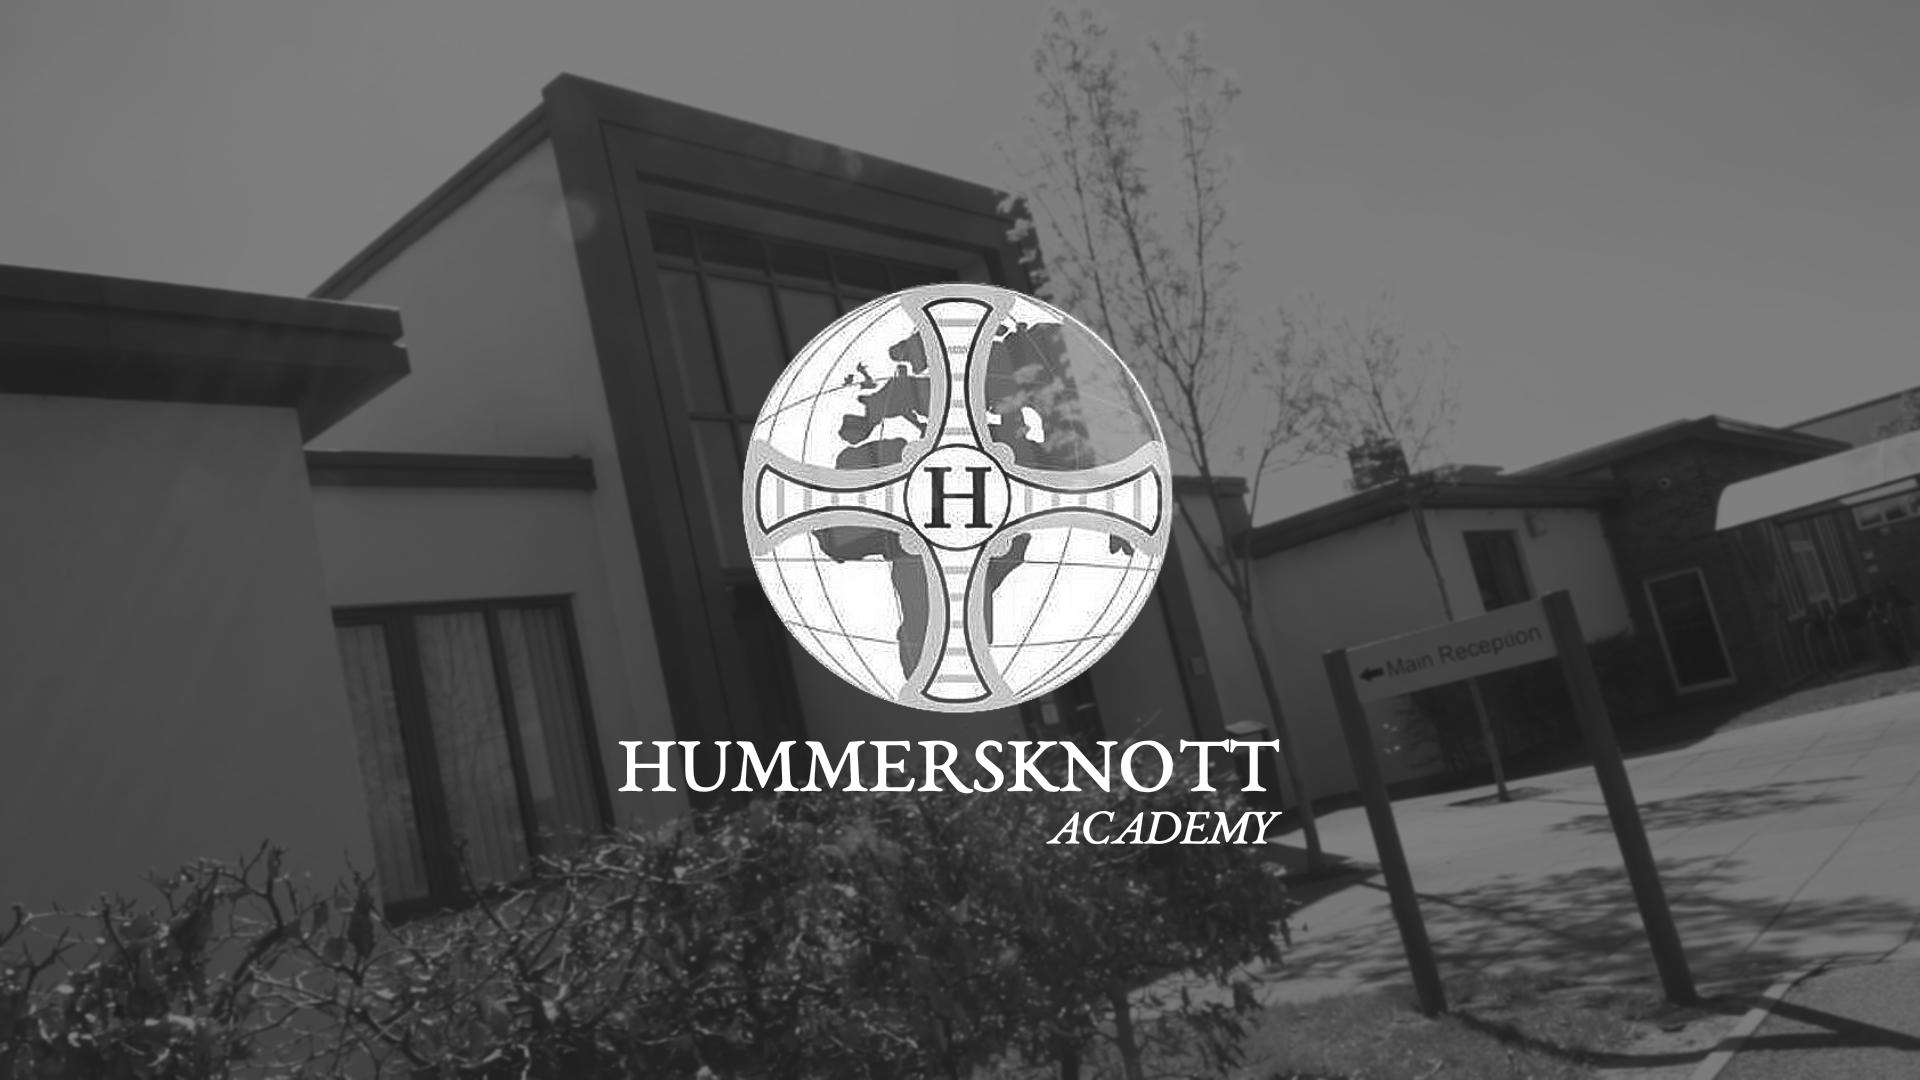 Hummersknott Academy